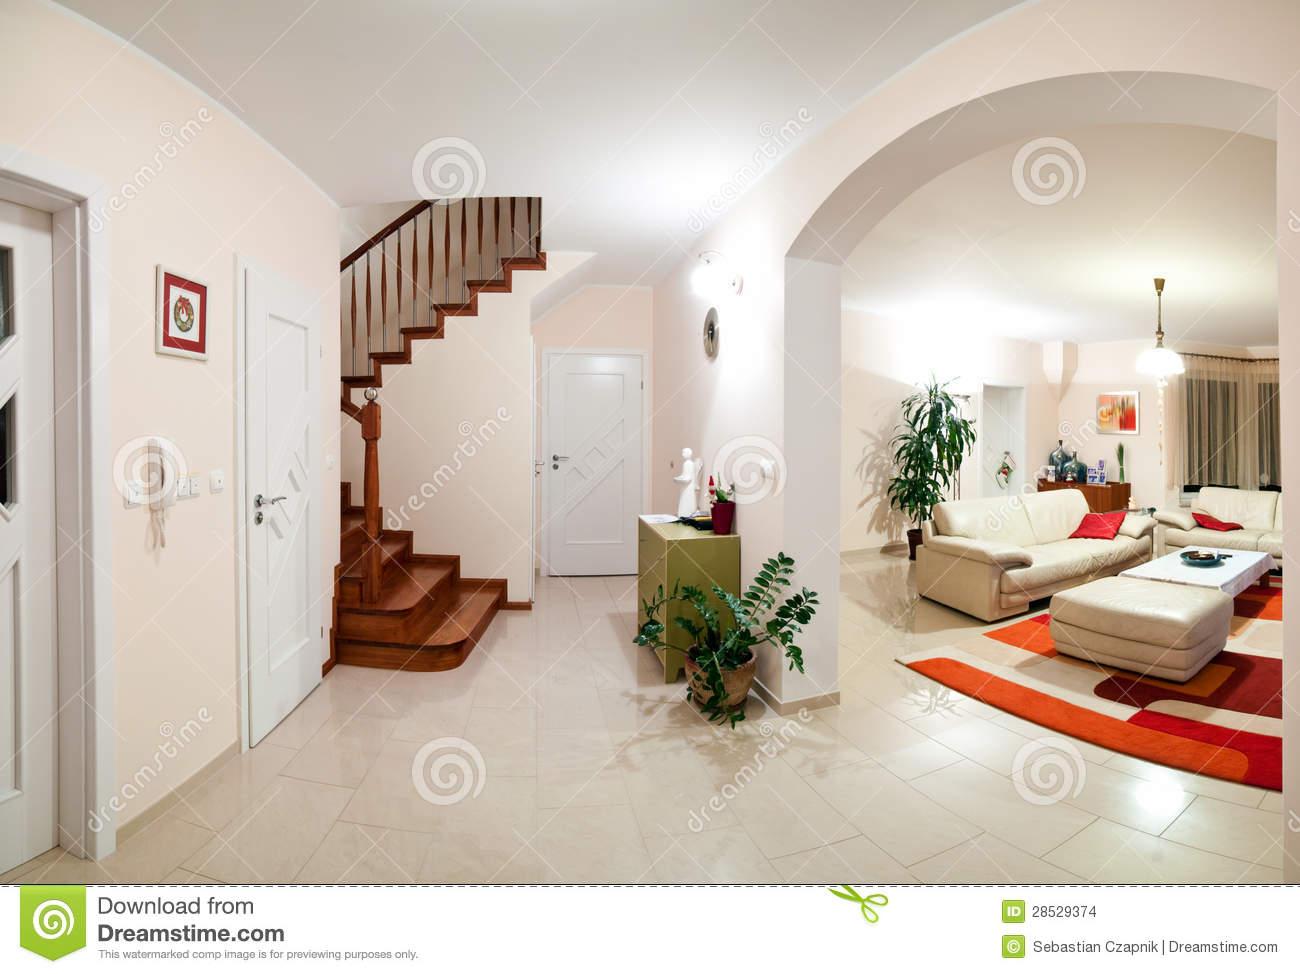 Modele de maison moderne interieur